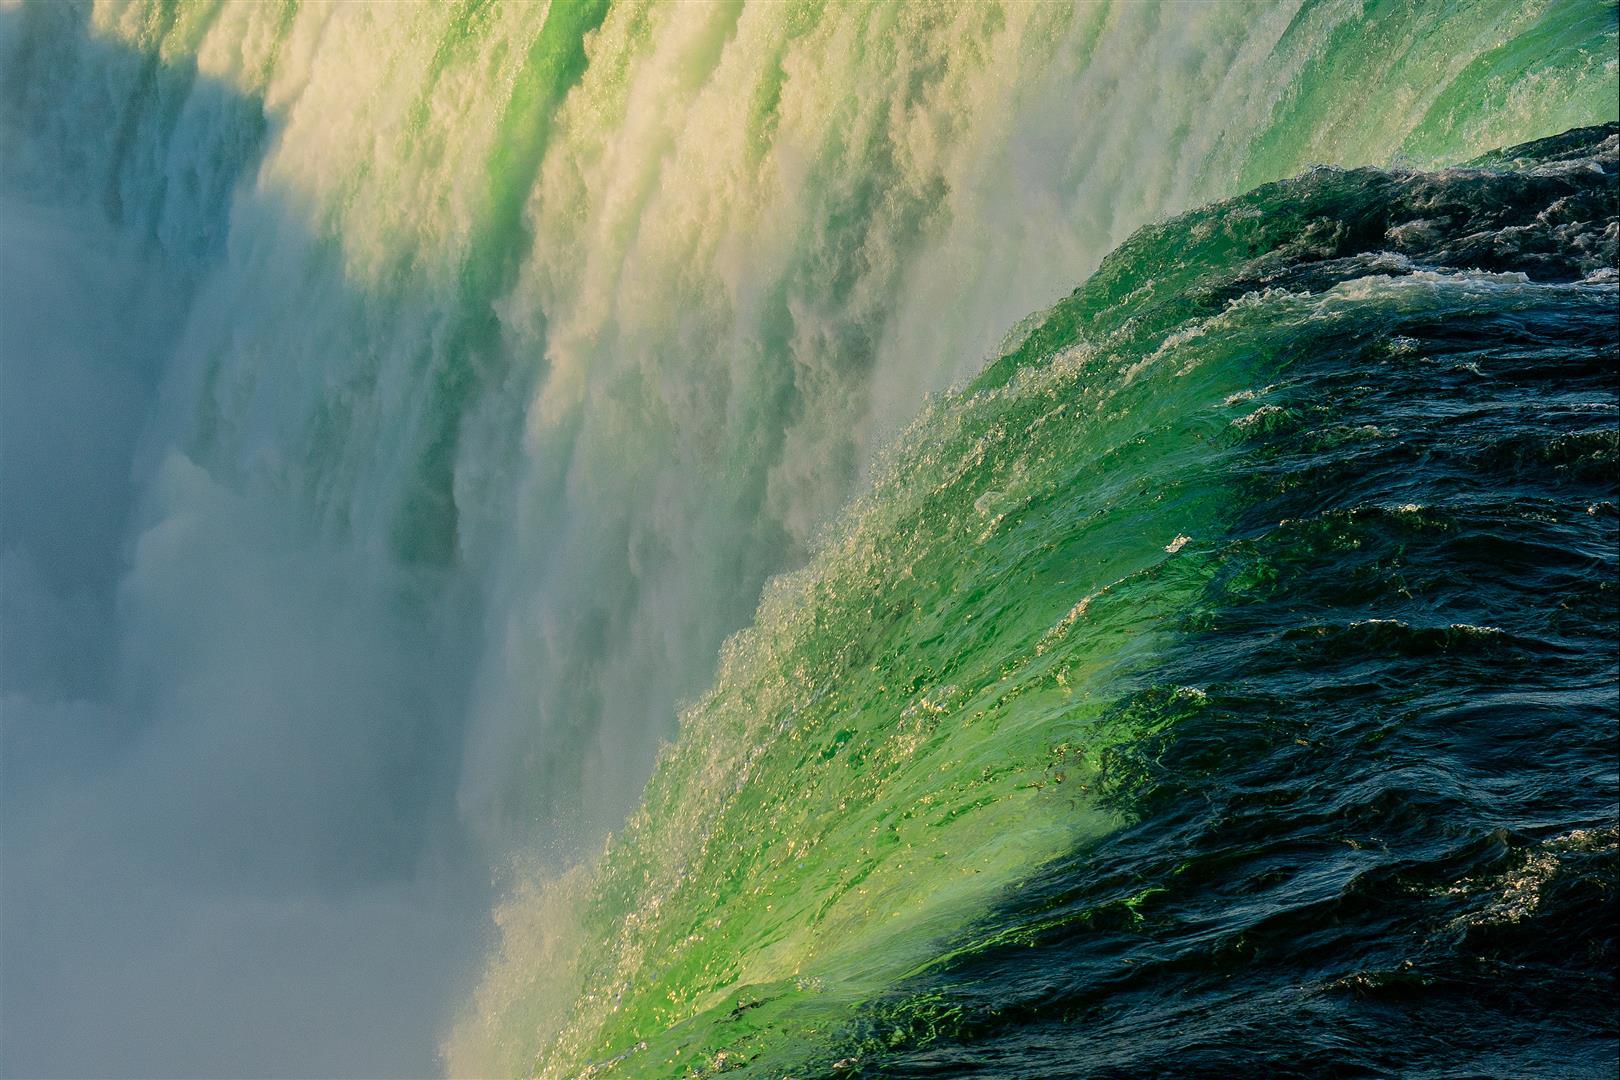 馬蹄瀑布 Horseshoe Falls